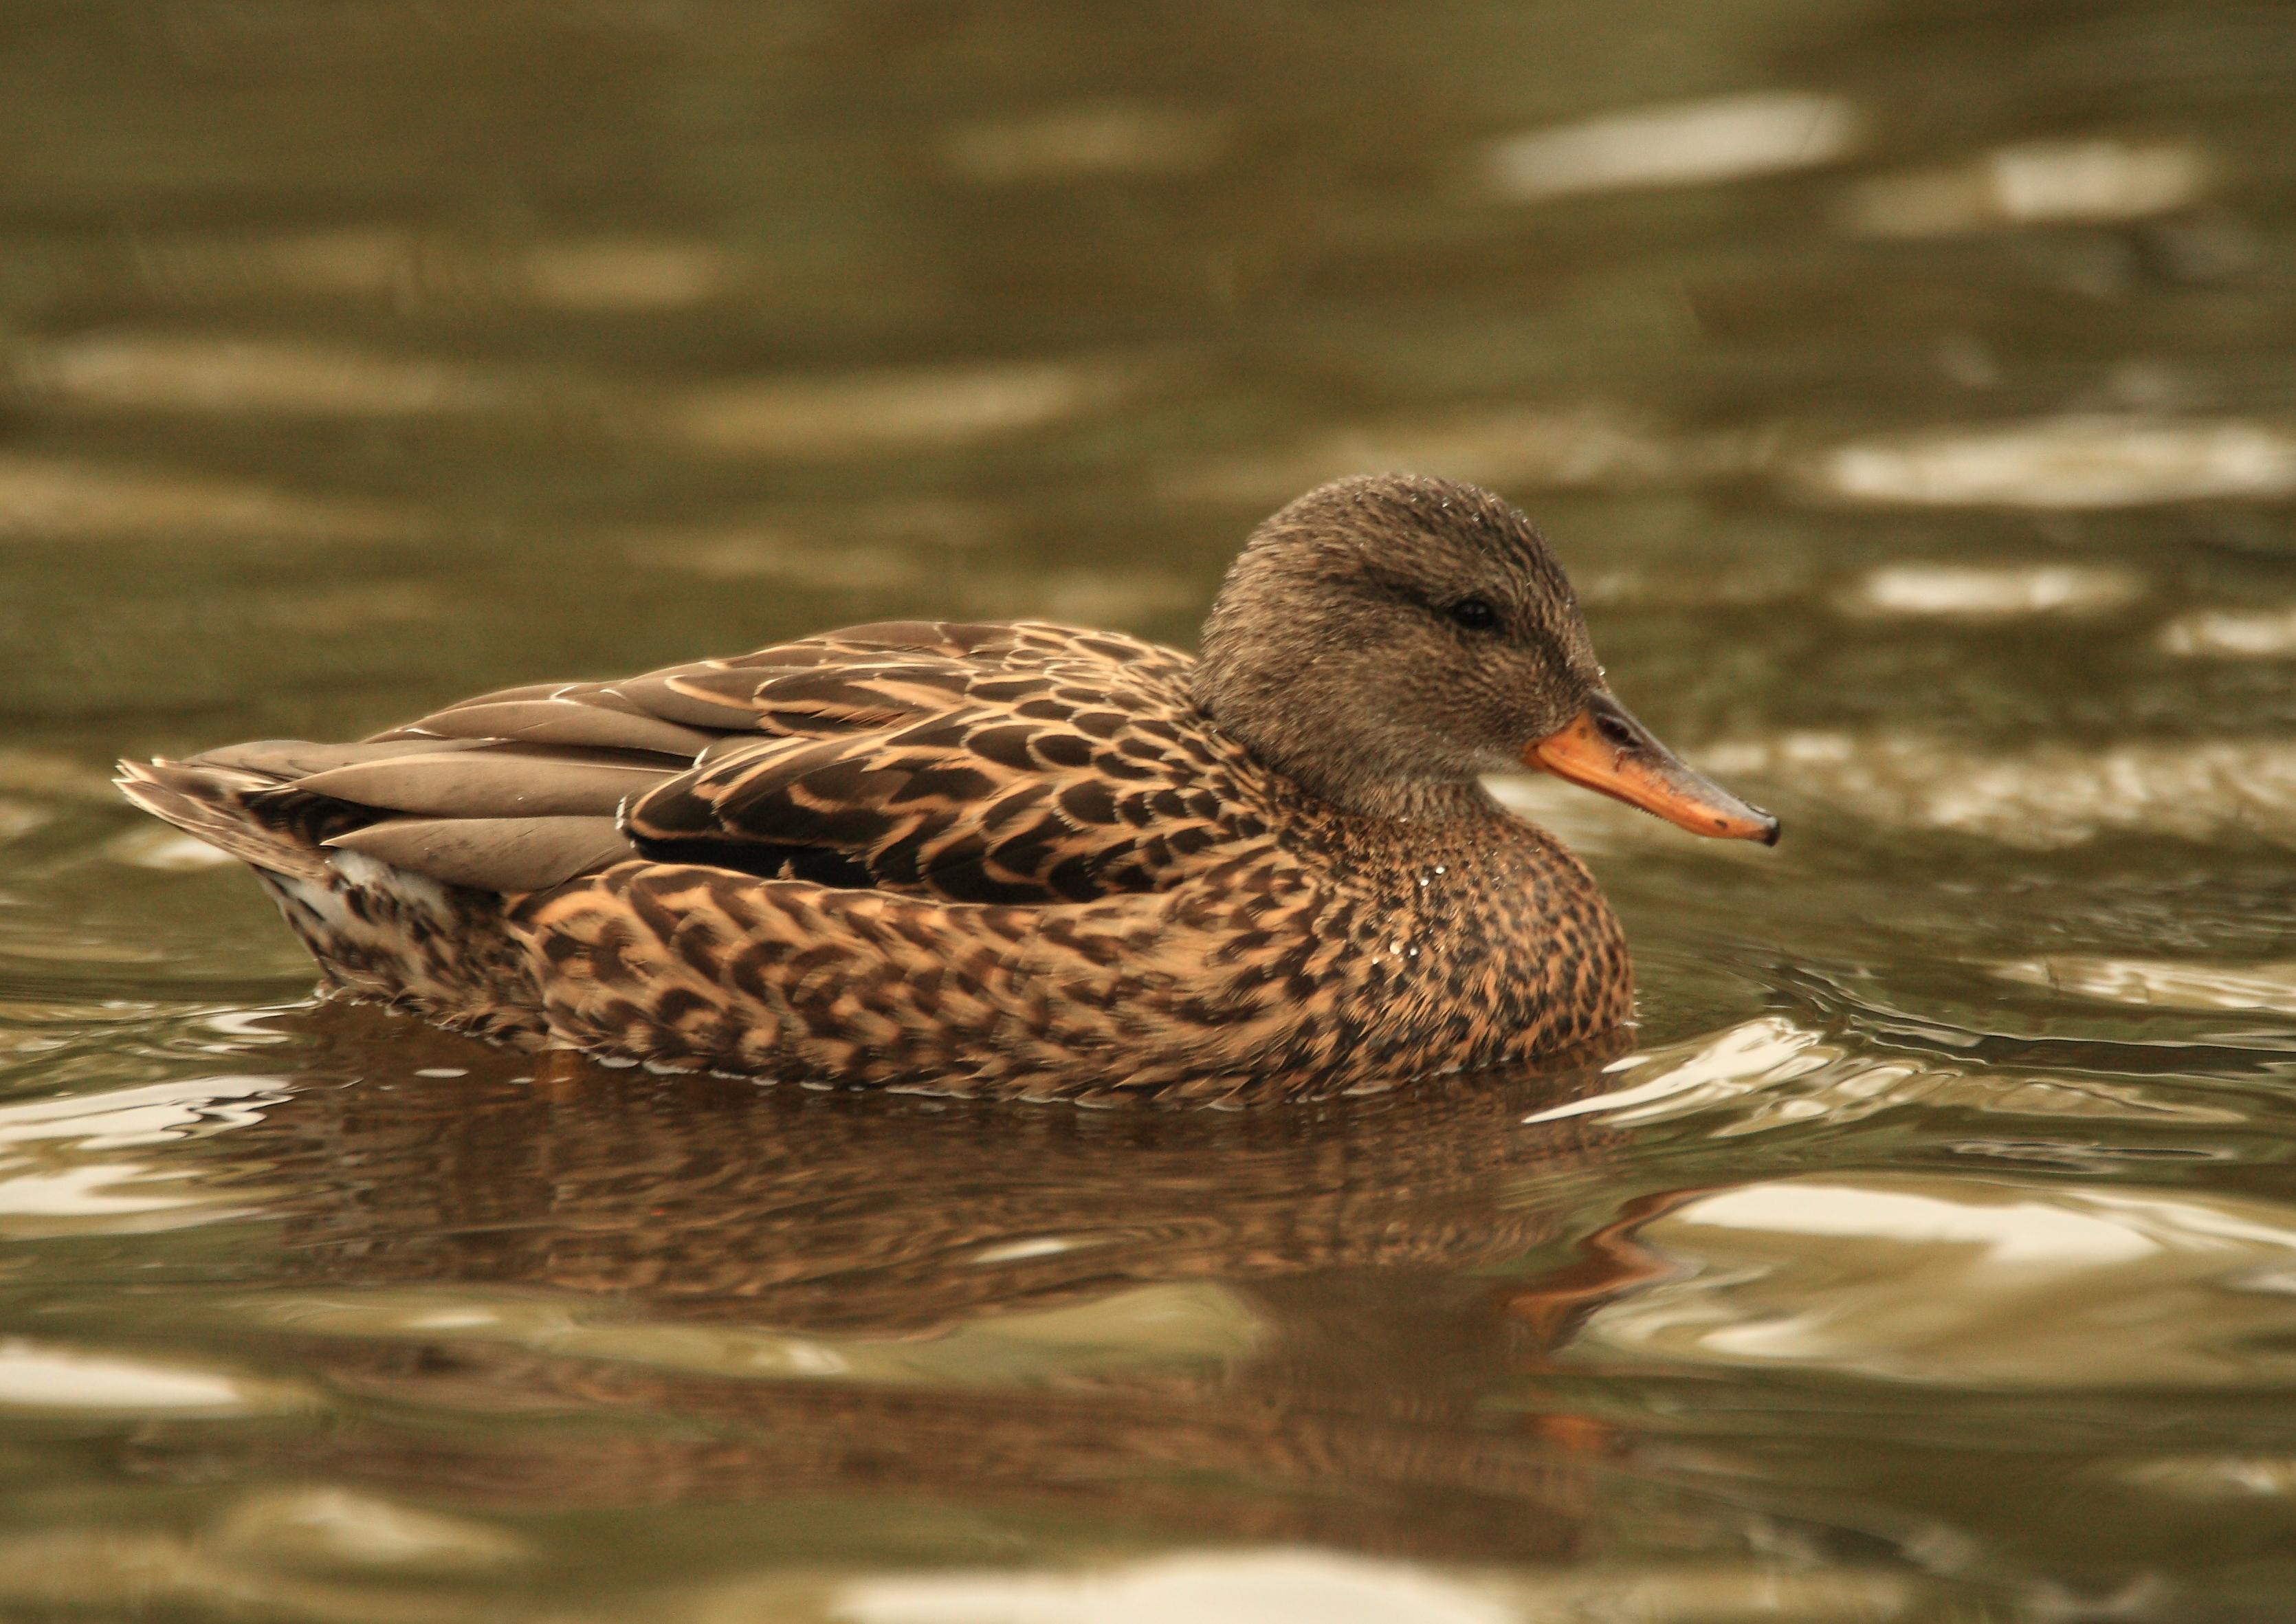 545J3416 Gadwall duck